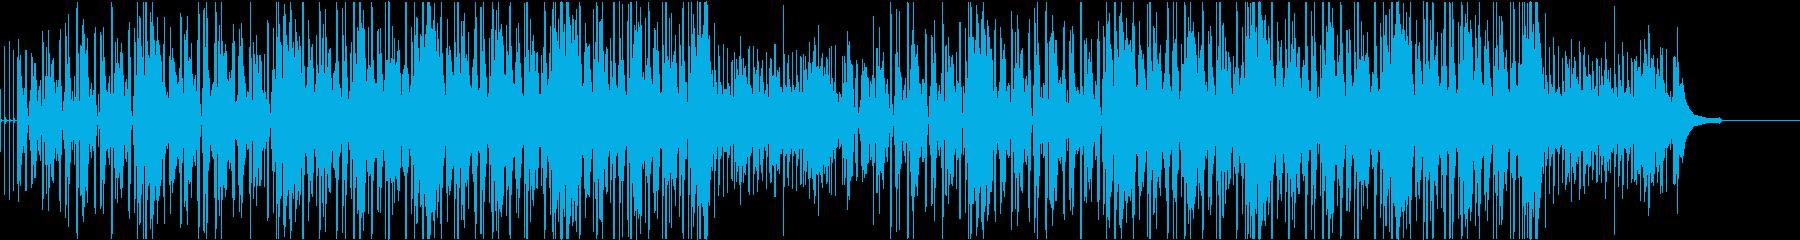 推理、調査、潜入等 サスペンス系BGMの再生済みの波形